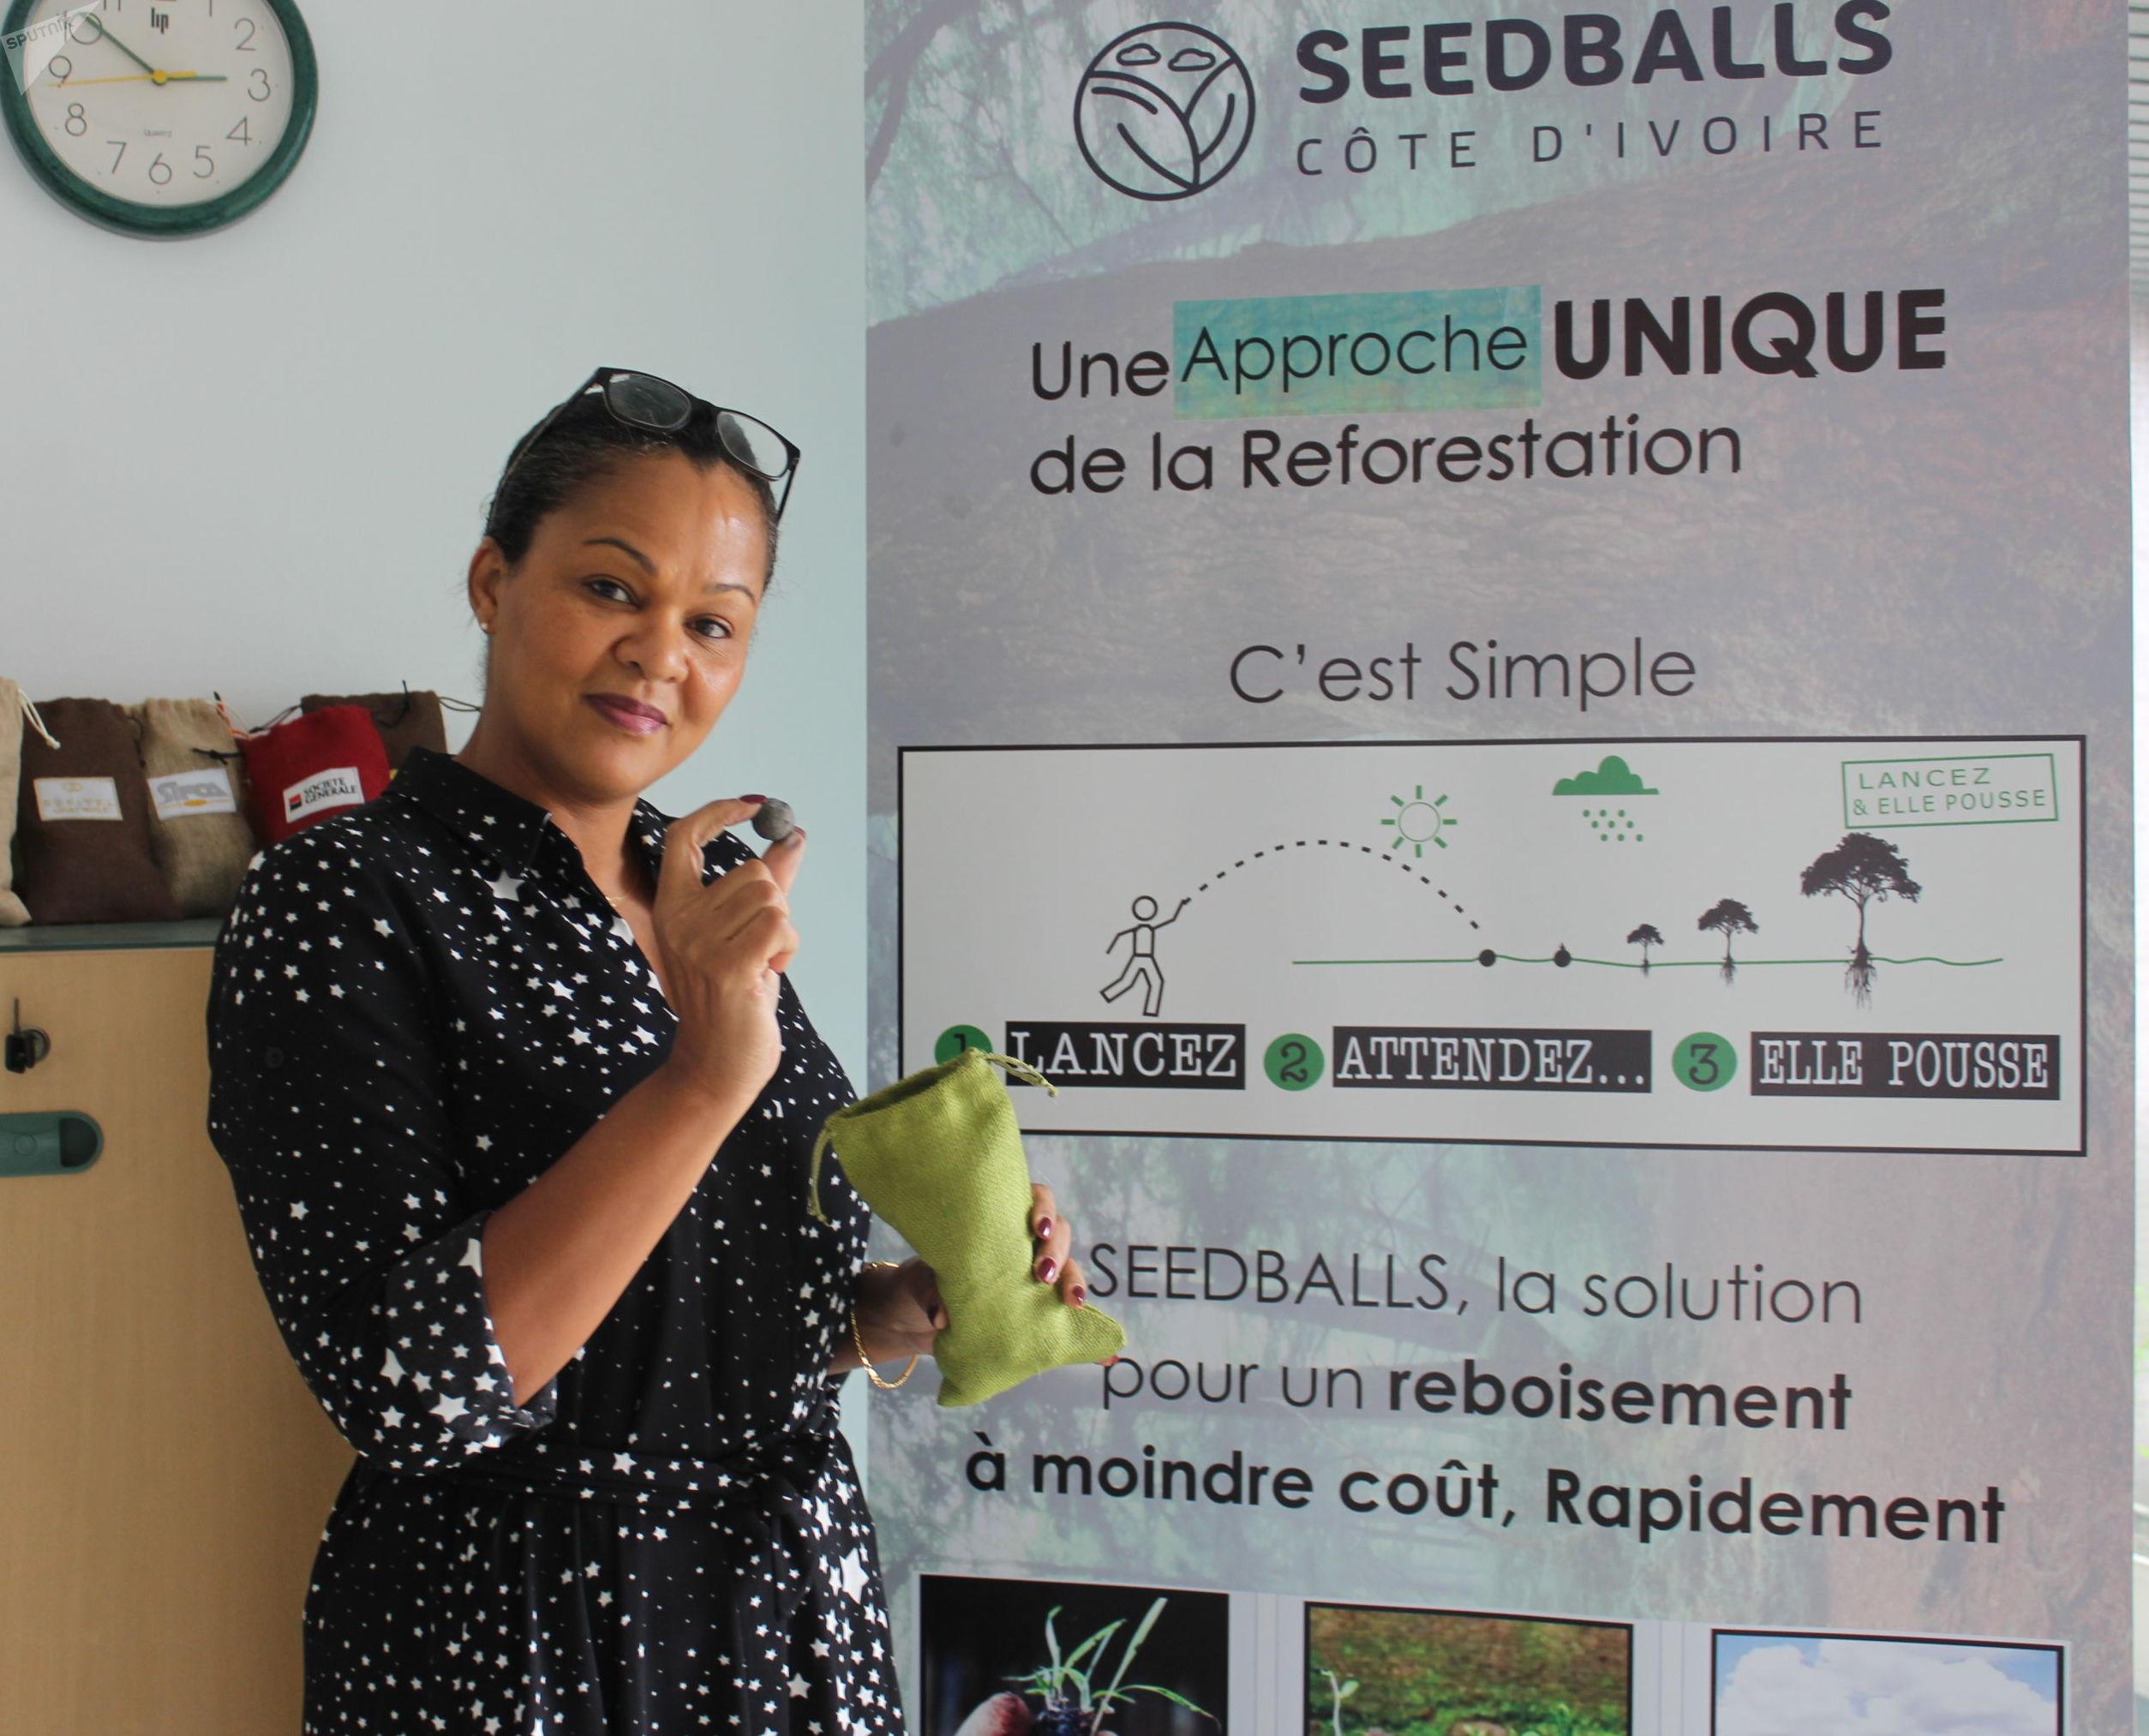 Sarah Traboulsi avec une seedball devant son panneau de campagne de reforestation